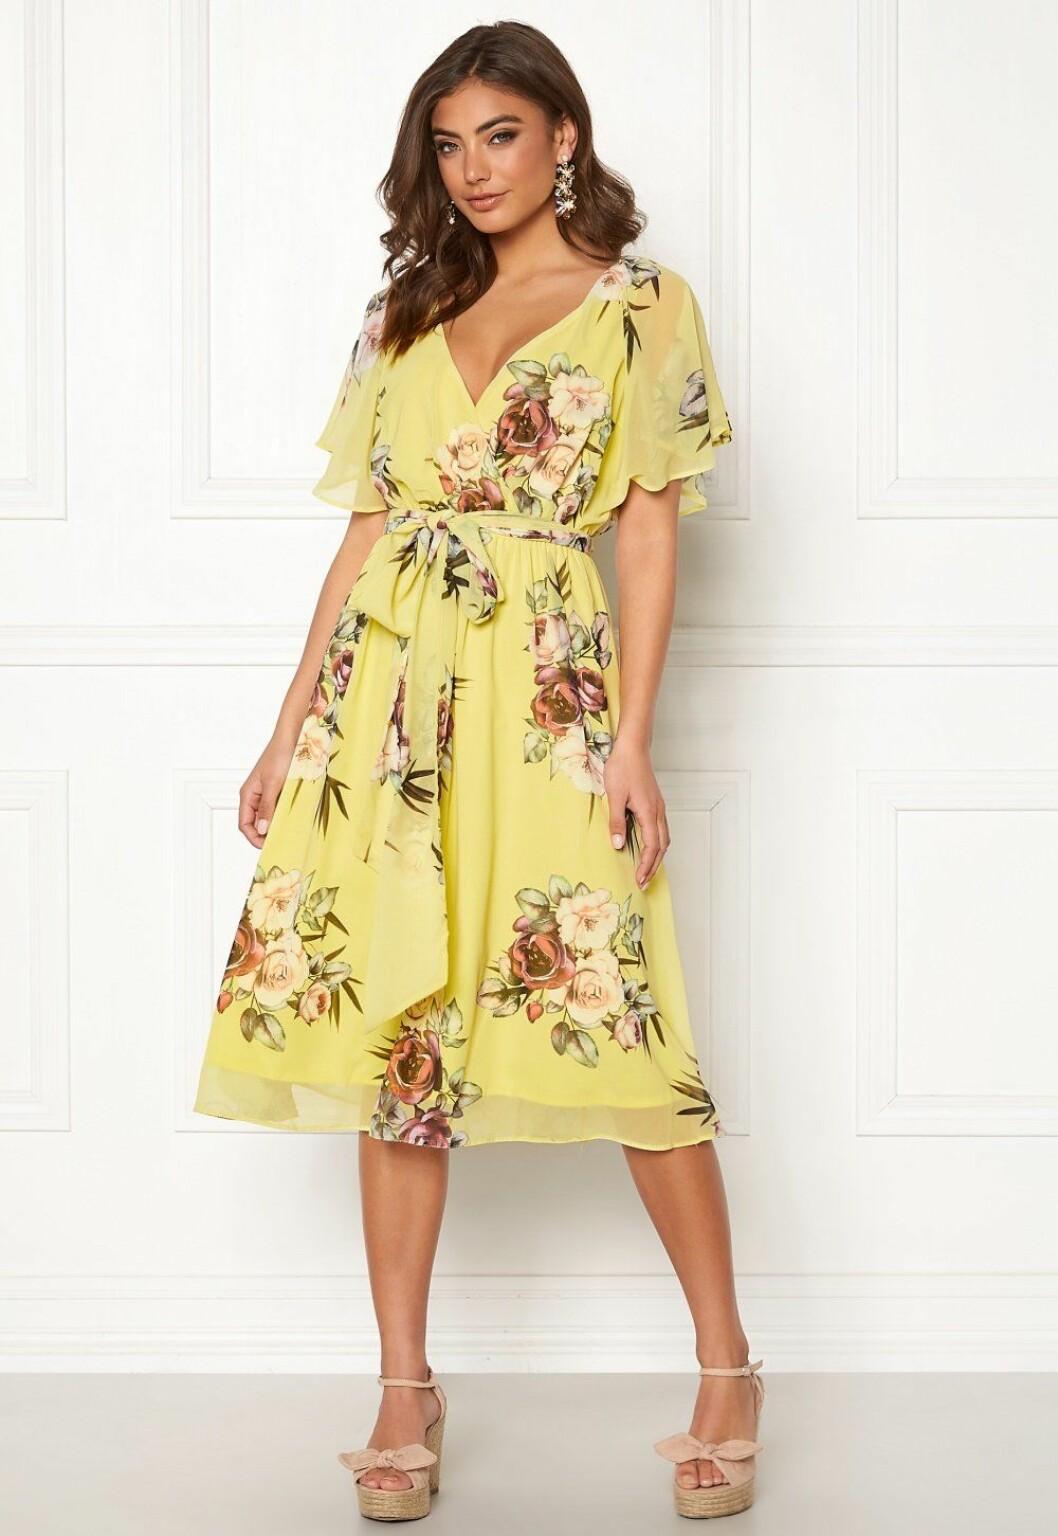 Gul blommig klänning med knytband i midjan till bröllopet 2020